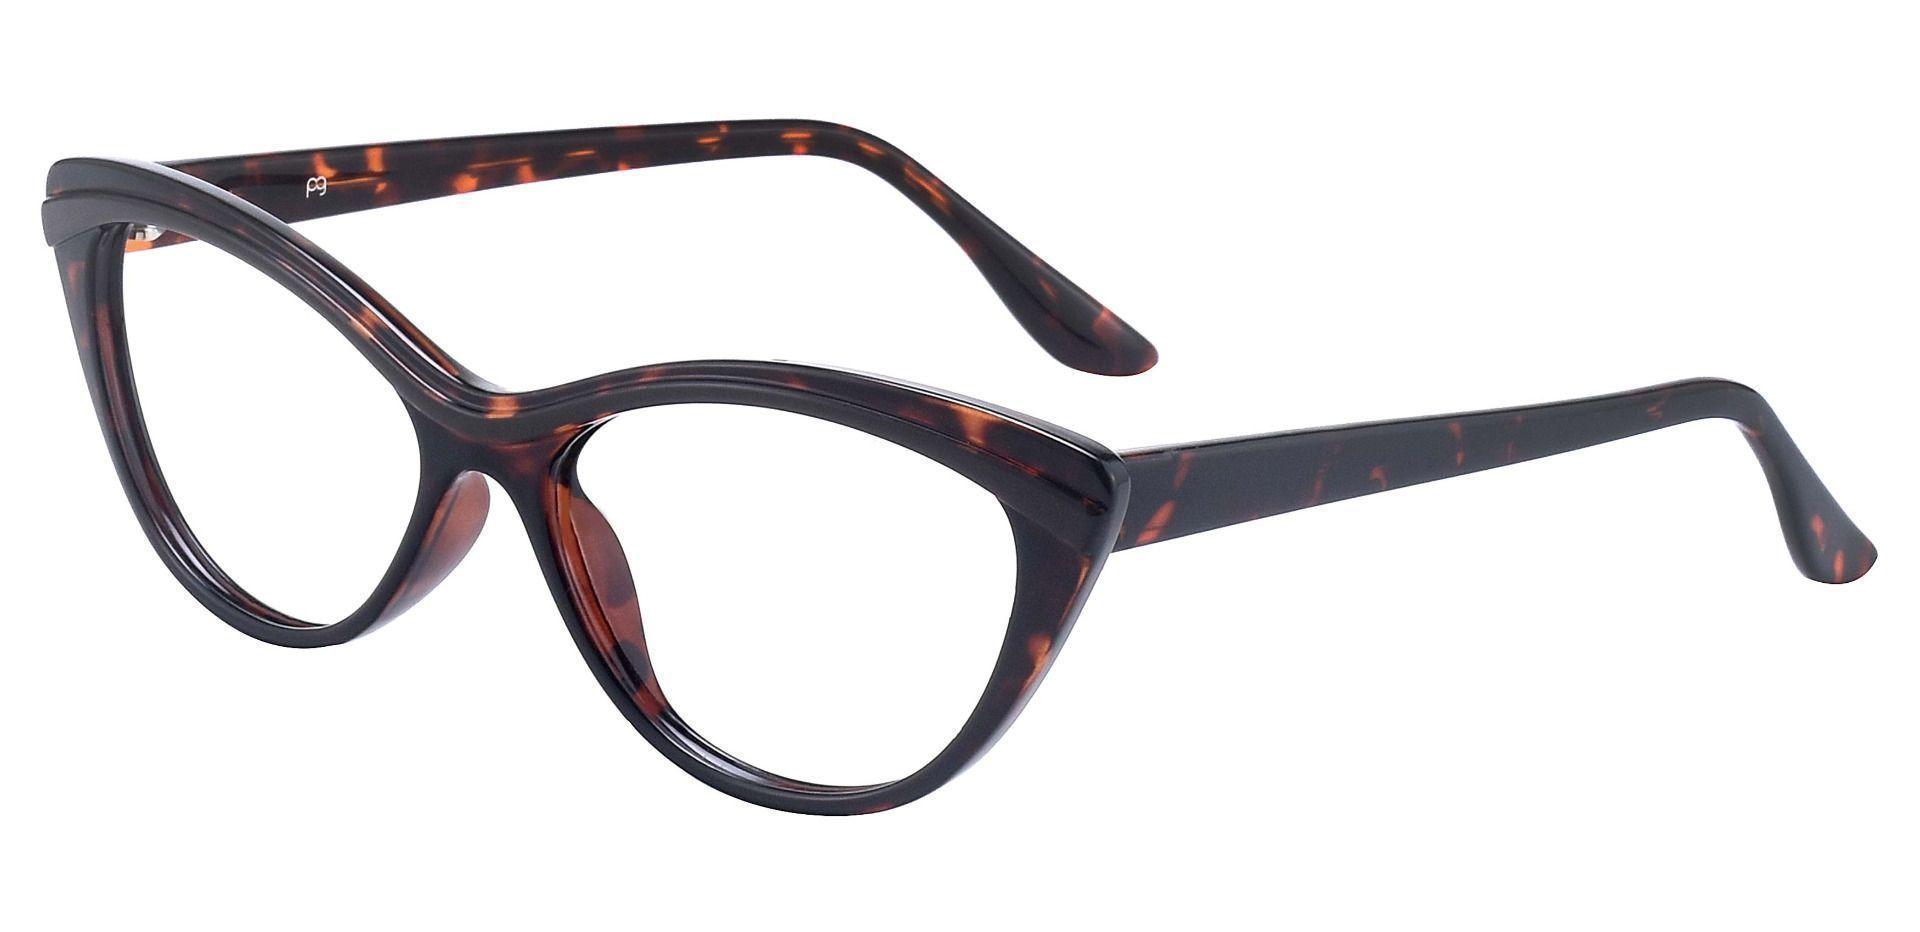 Twilight Cat-Eye Prescription Glasses - Tortoise